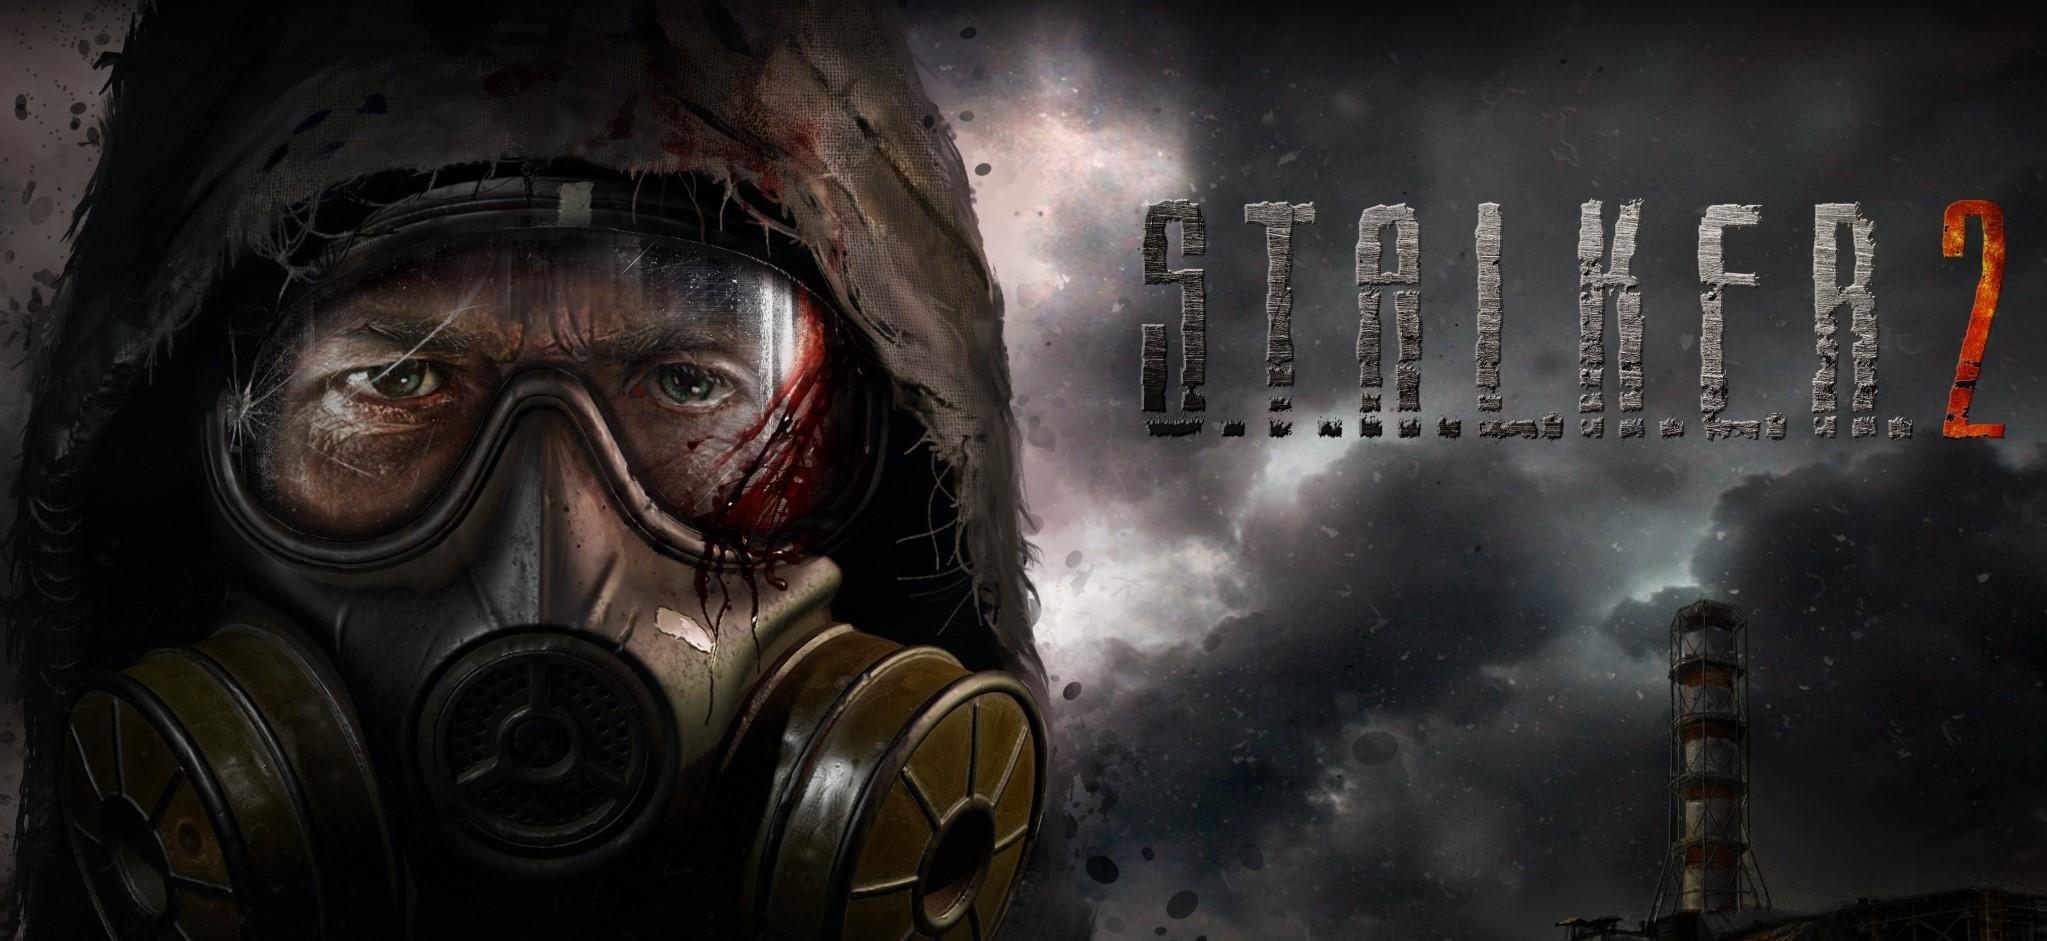 Первый геймплейный тизер S.T.A.L.K.E.R. 2 под кавер «СПЛИНА» 2